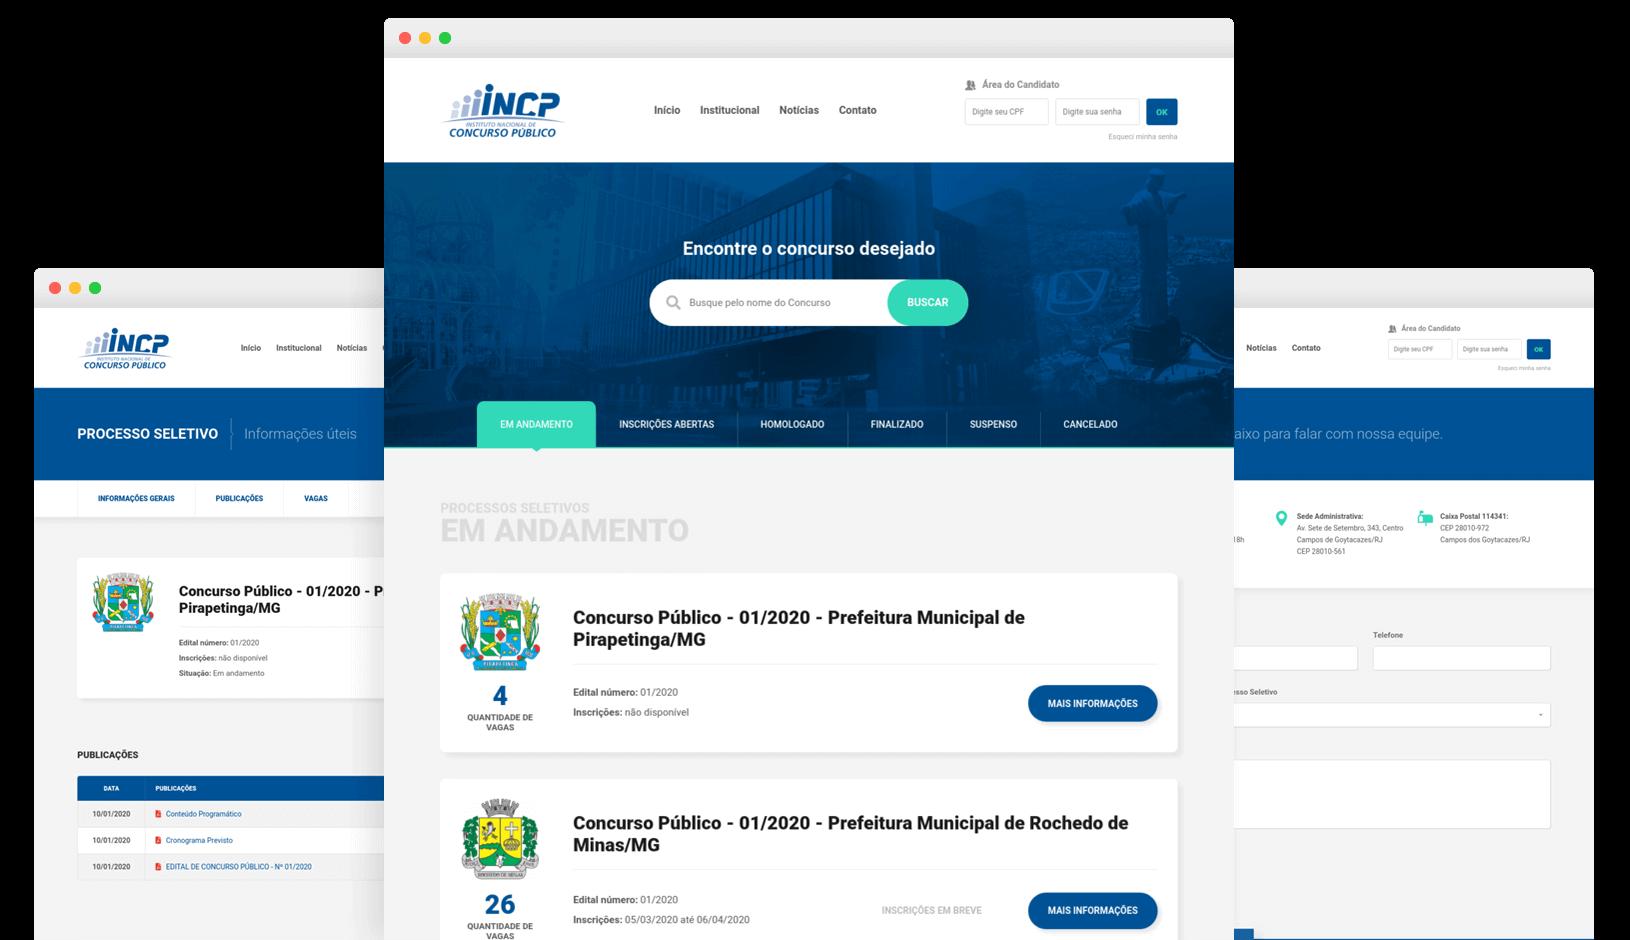 Instituto Nacional de Concurso Público